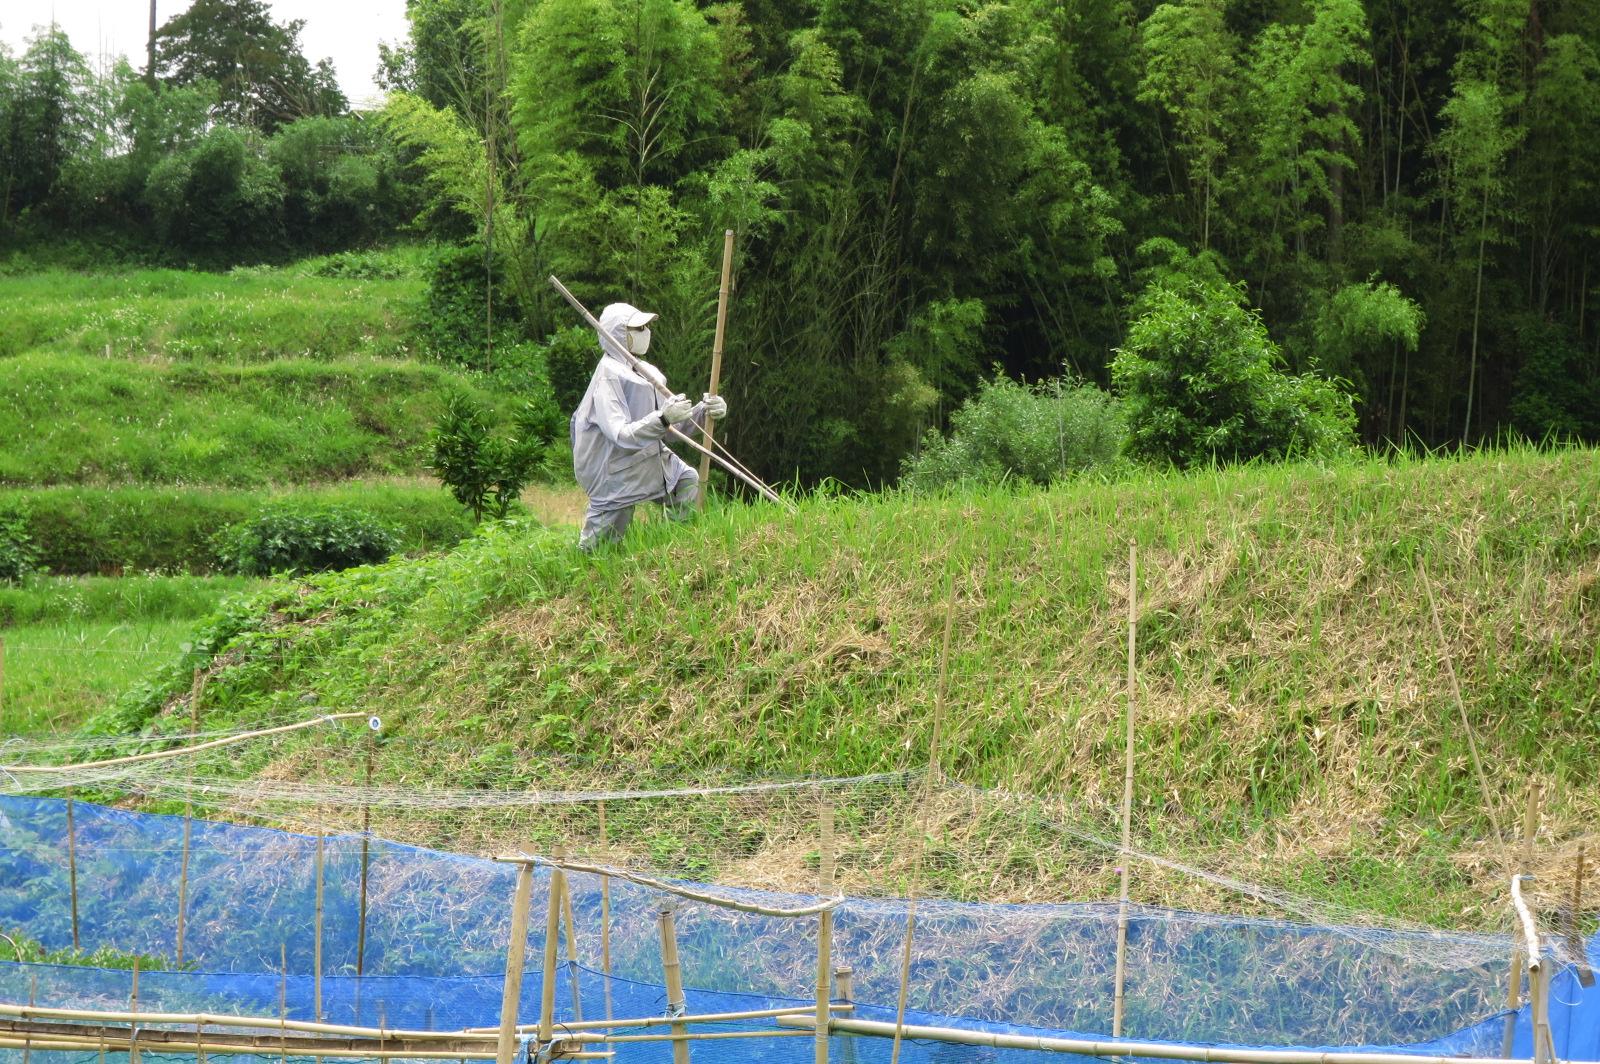 駐車場に向かう途中で見つけたリアルな案山子(かかし)。これから松尾寺、藤ノ木古墳に向かいます!